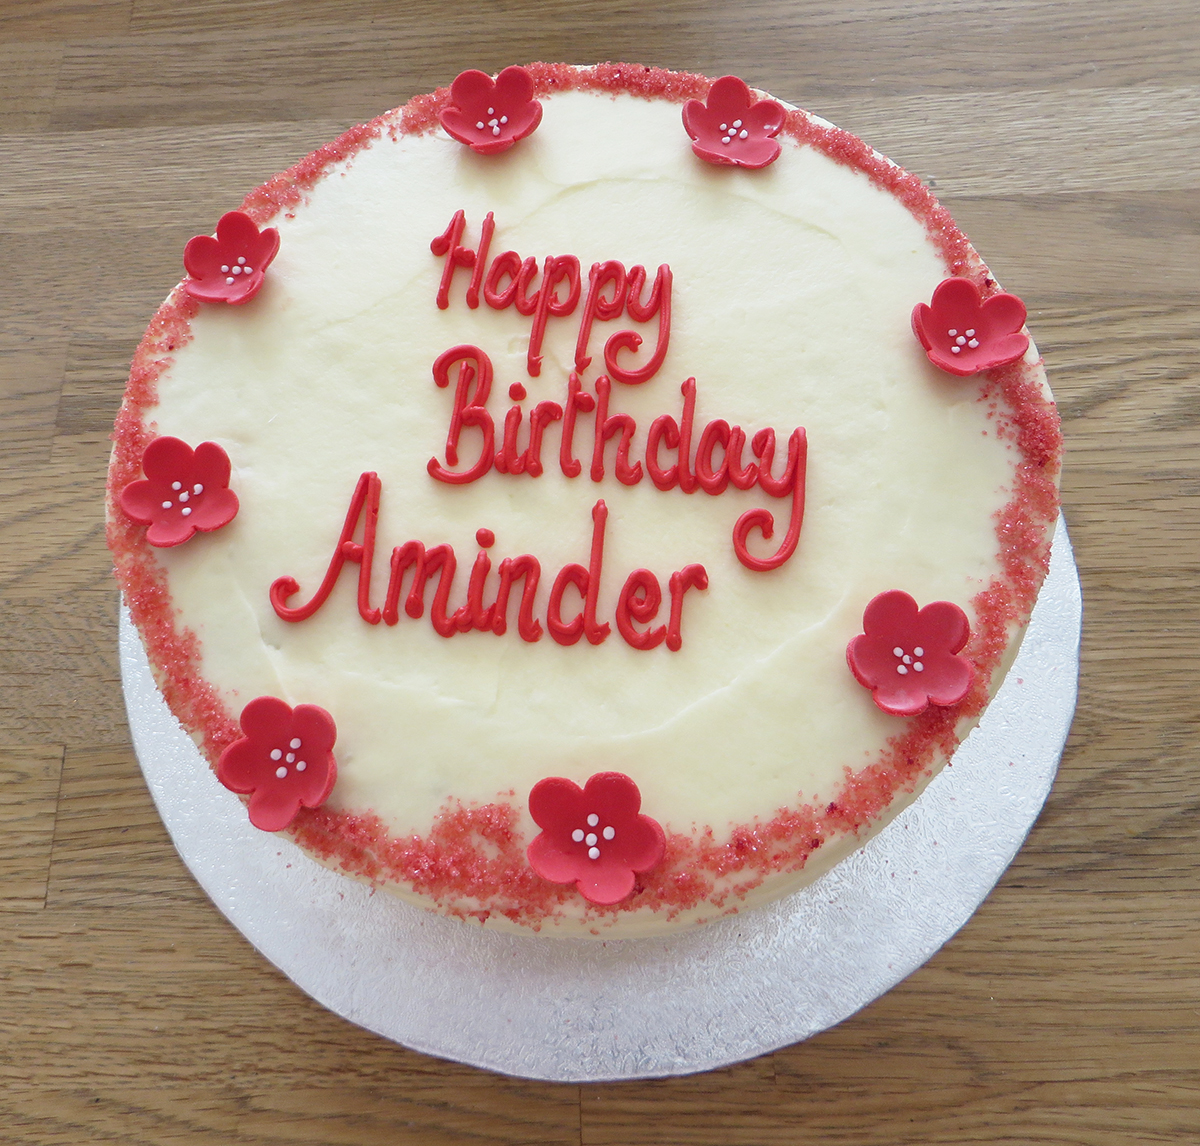 6 Red Velvet Cakes For Guys Photo Red Velvet Birthday Cake Ideas